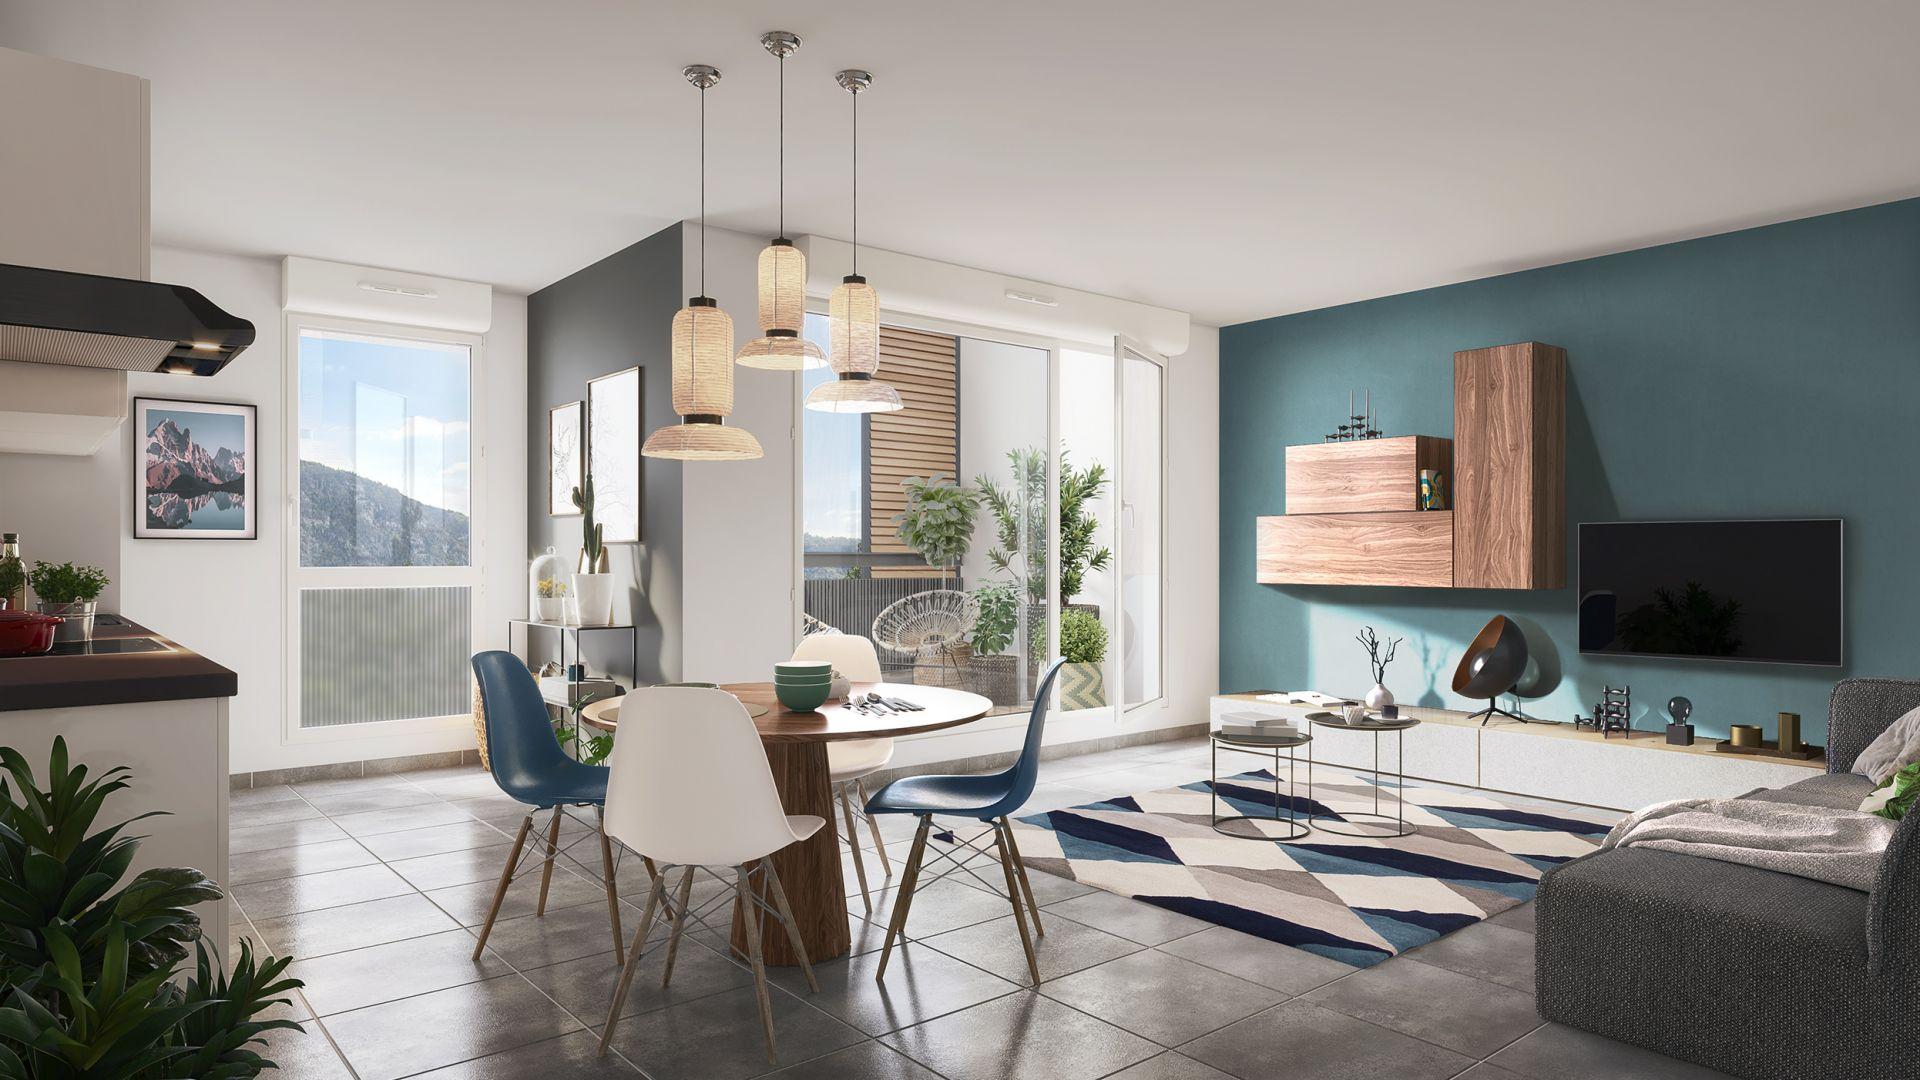 Greencity Immobilier - Clos Charvin - achat appartement neuf du T1 au T3 - Bonneville 74130  - vue intérieure